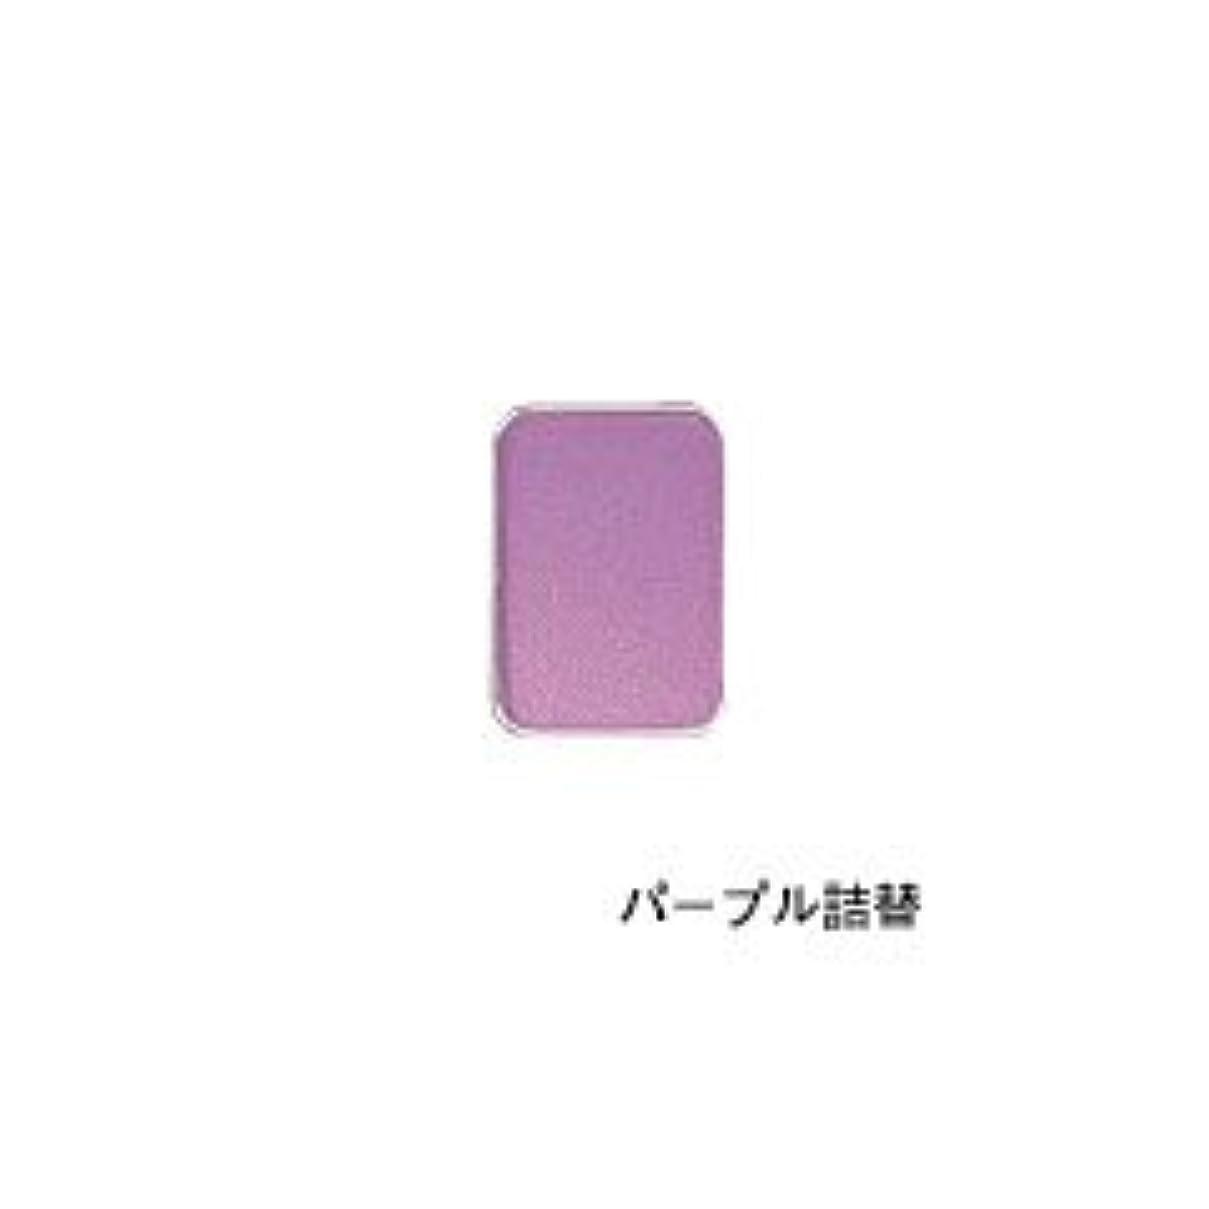 縮れた批判的にリビングルームリマナチュラル ピュアアイカラー 詰替用 パープル×2個       JAN:4514991230446